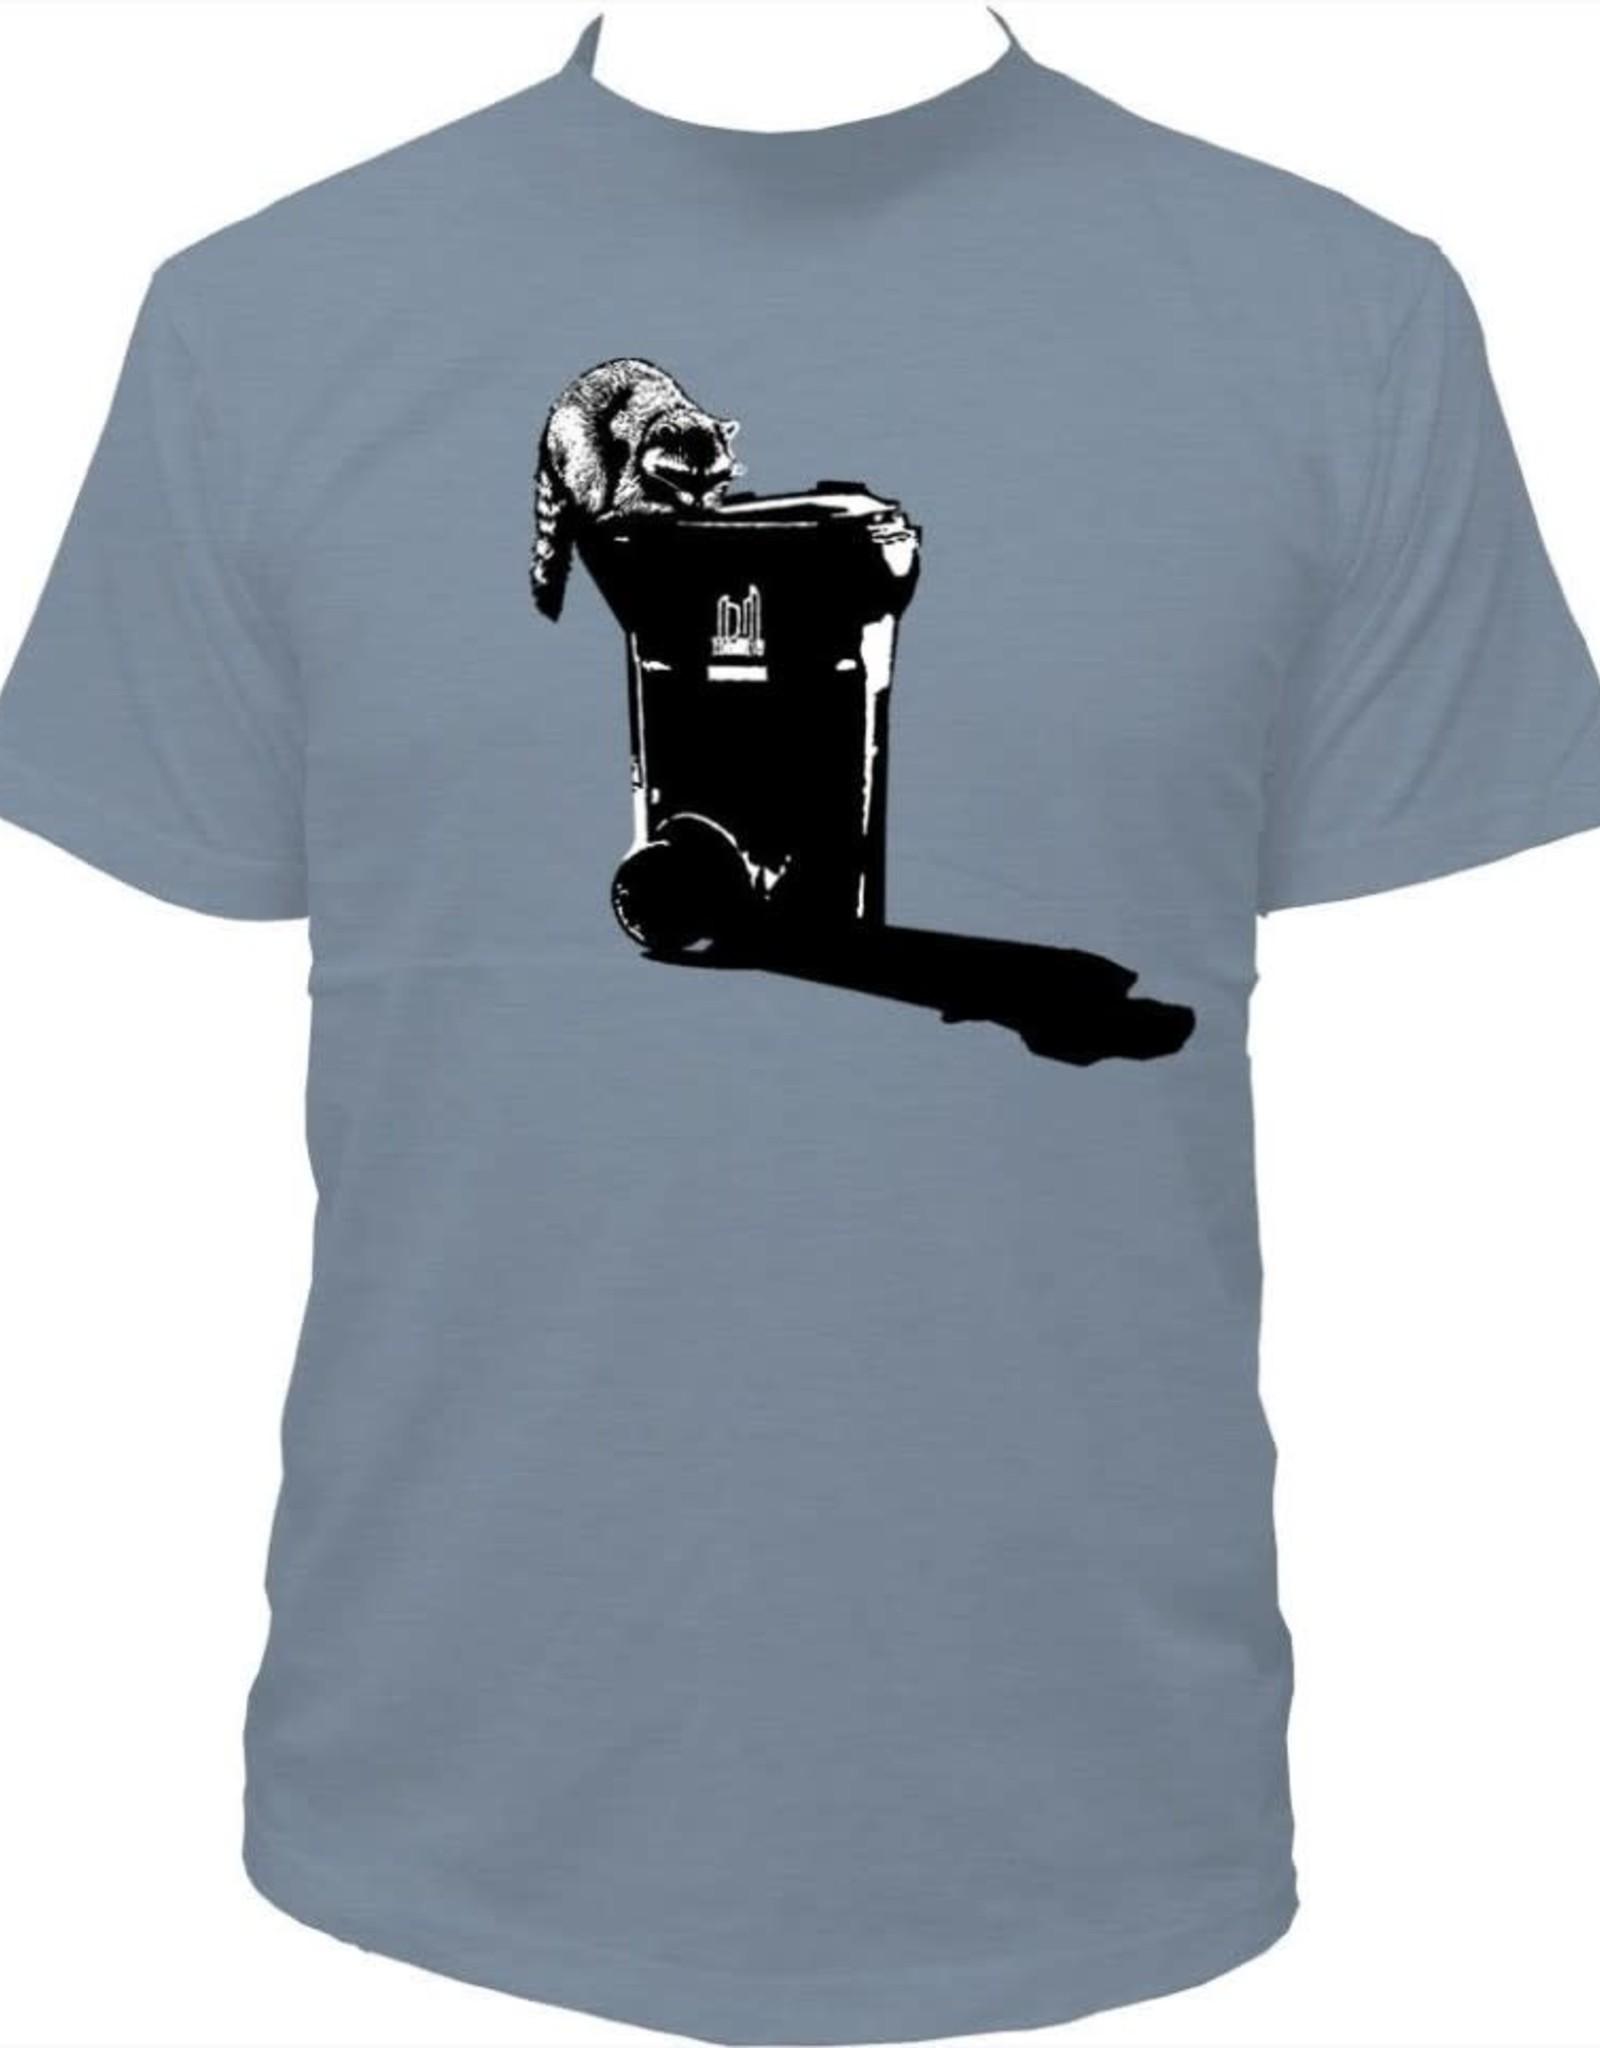 Tresnormale T-Shirt Homme Tresnormale Raton Bleu Gris